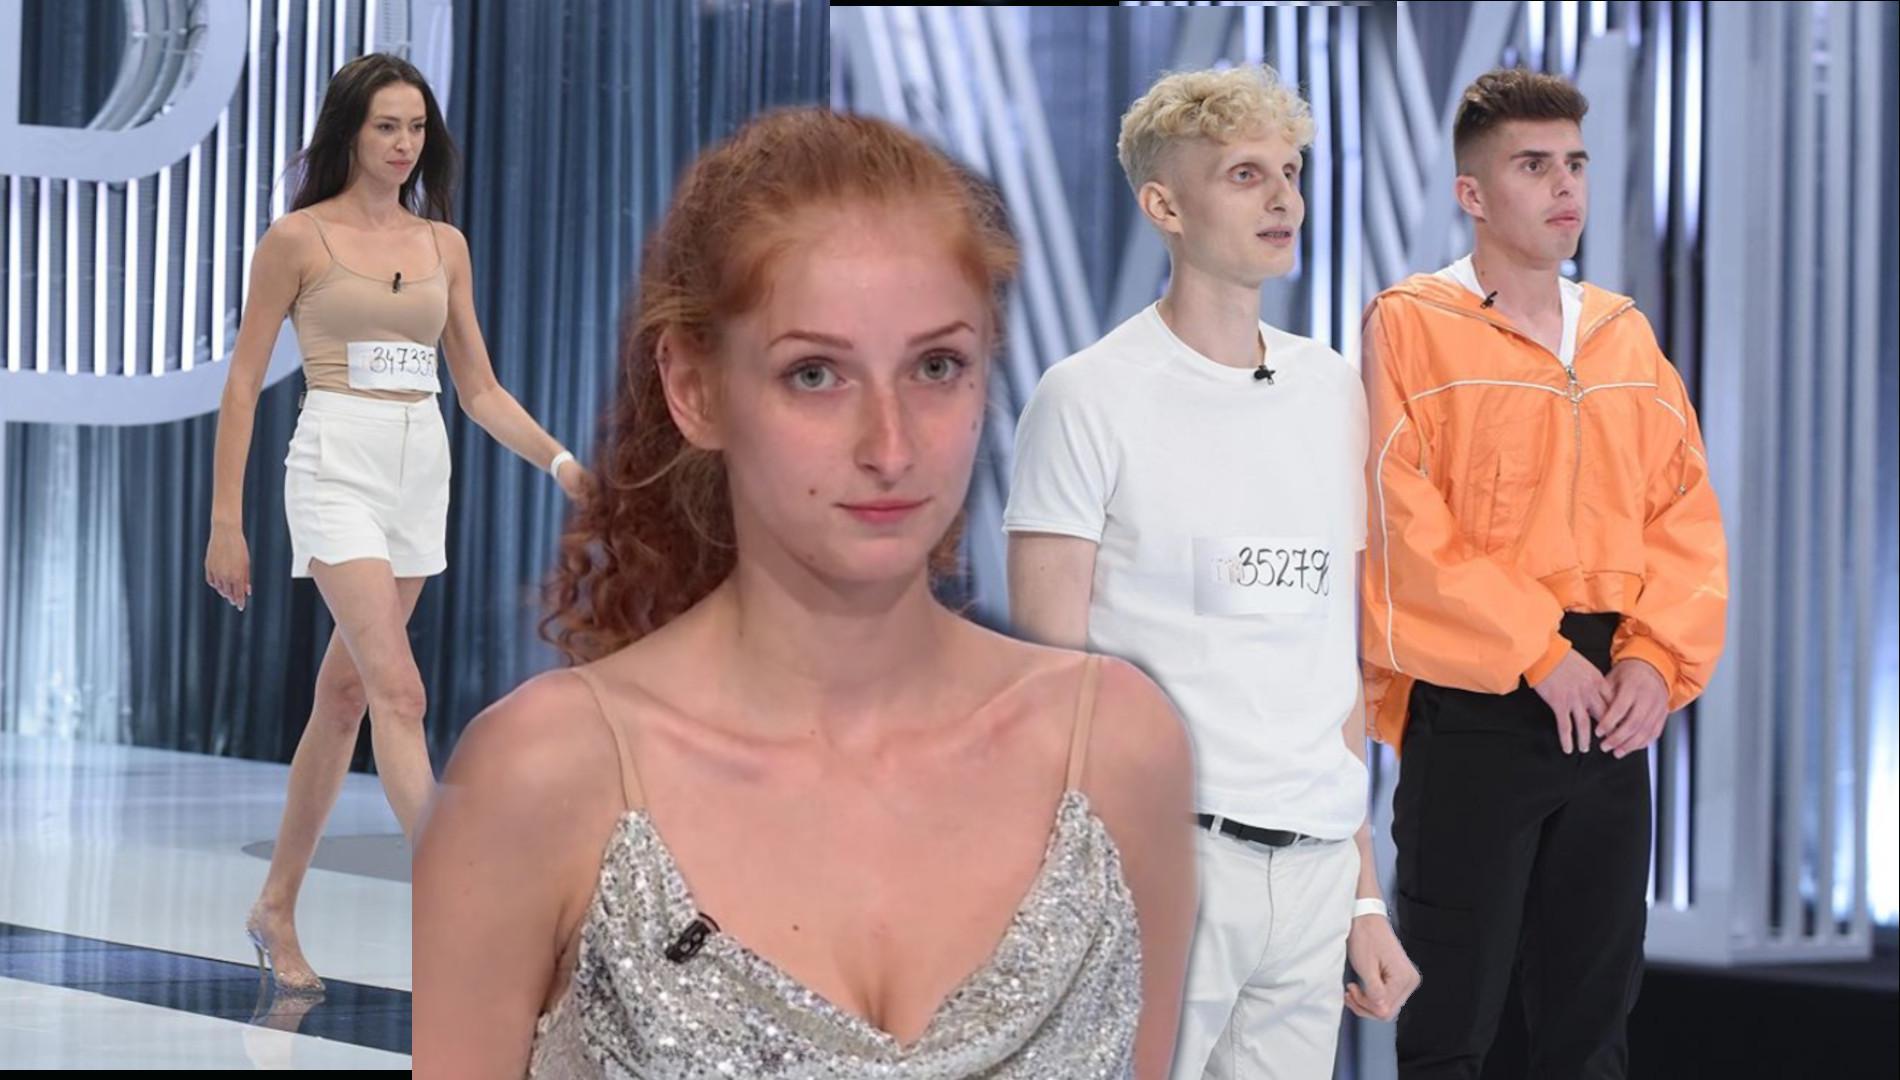 2. odcinek Top Model: taniec z mopem, LGBT i sobowtór Trzaskowskiego.